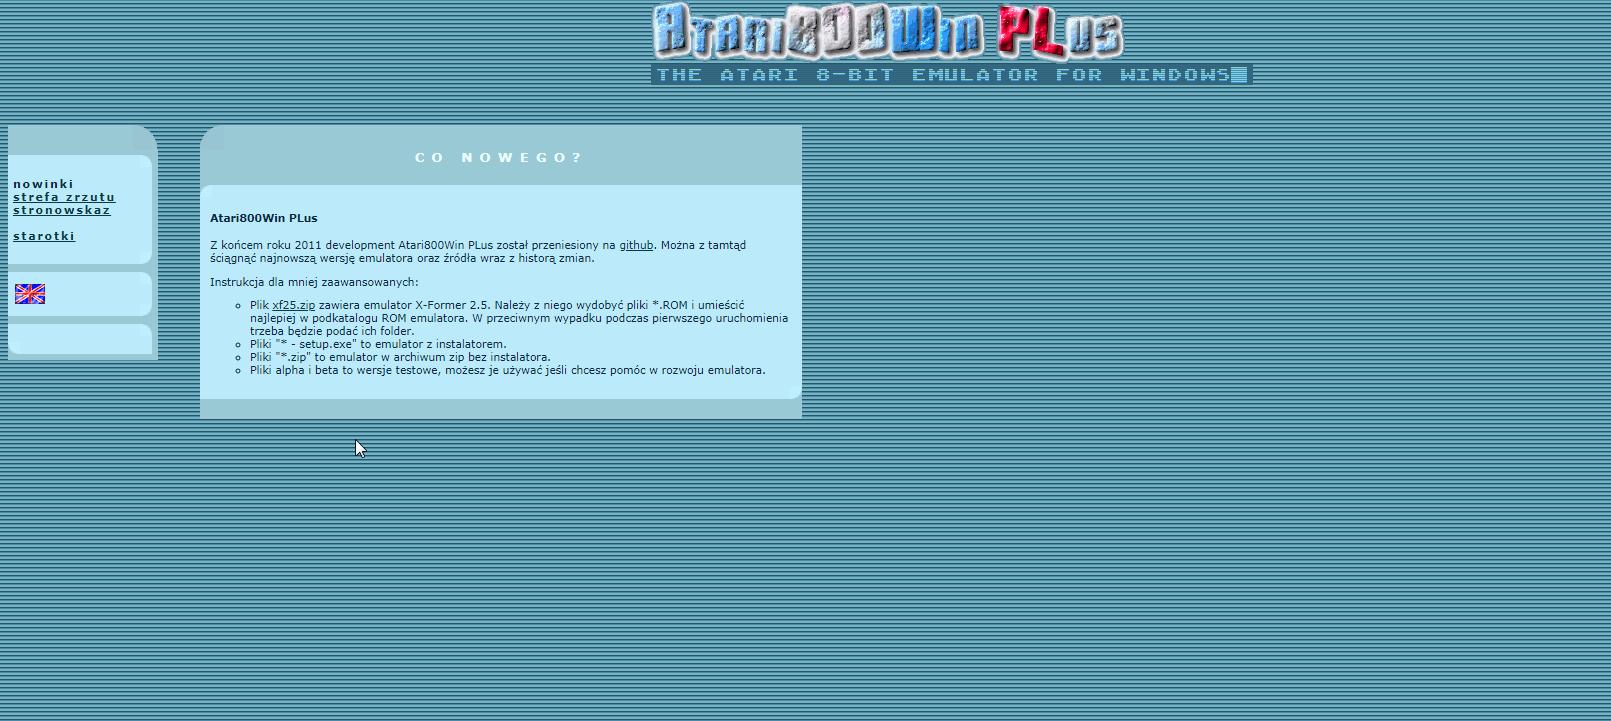 Screenshot of website Atari800Win Plus